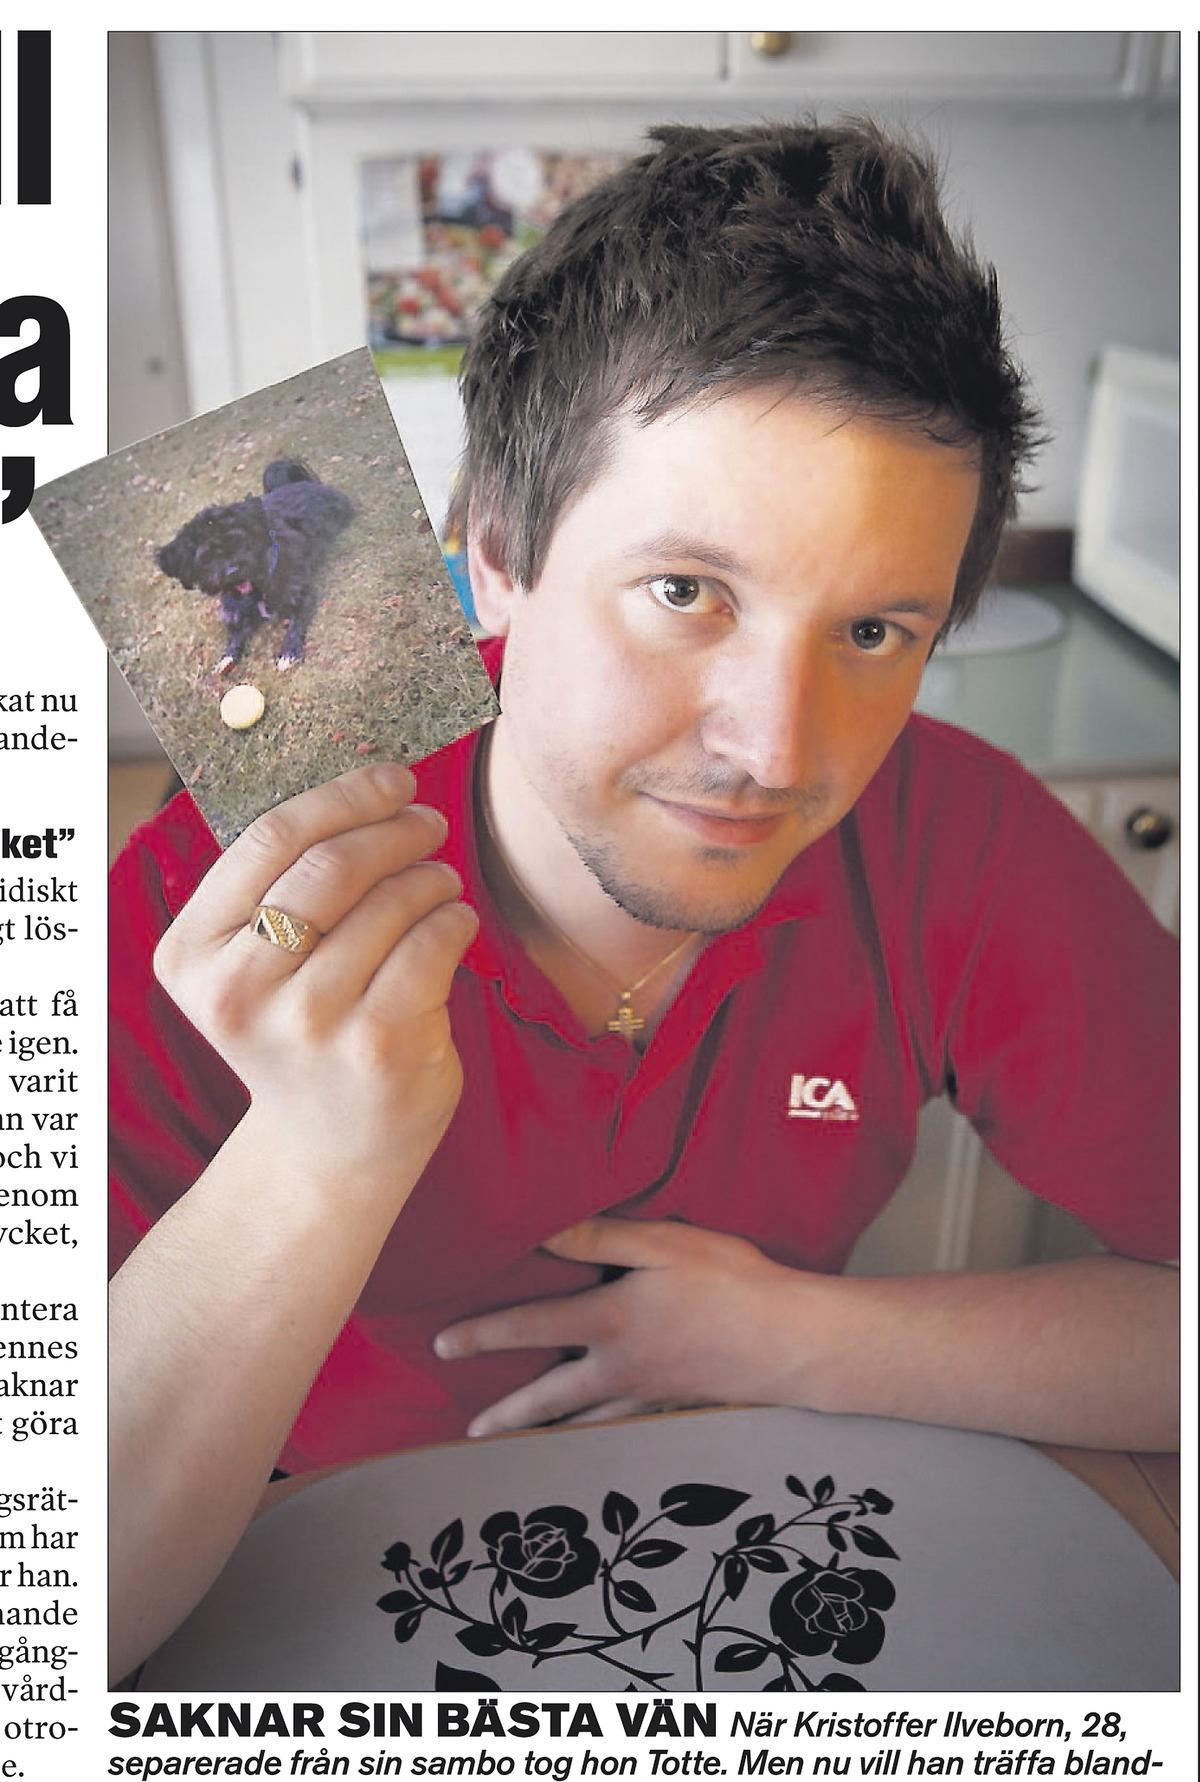 Matte fick vårdnaden Kristoffer Ilveborn, 29, fick betala exsambons rättegångskostnader på 30 000 kronor. Men det som svider mest är att han inte får vara med Totte.